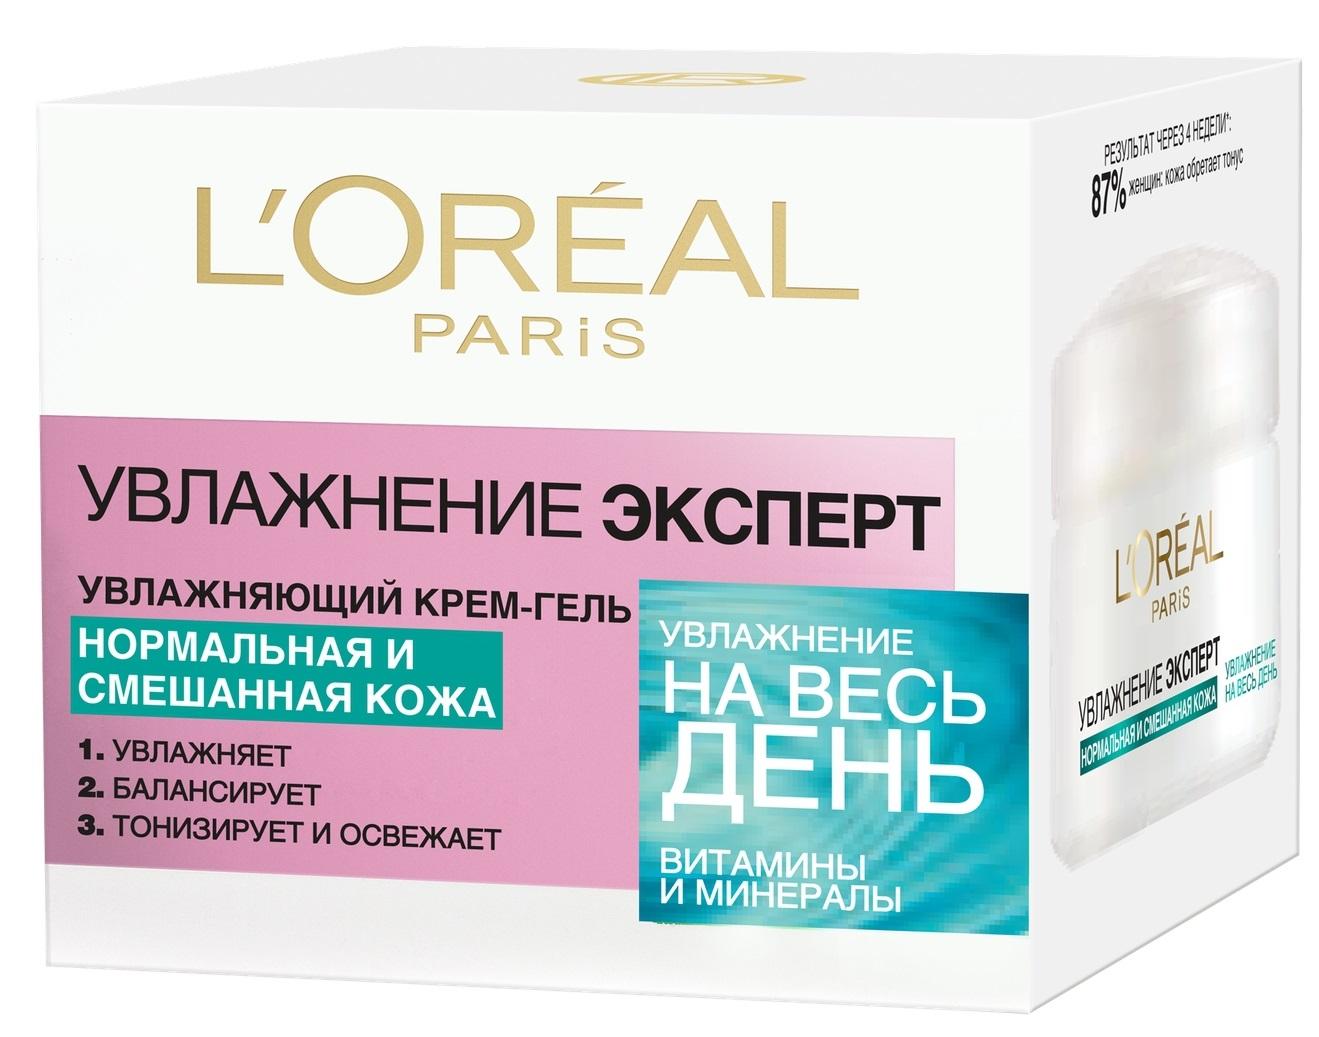 LOreal Paris Увлажнение Эксперт Дневной крем-гель для лица для нормальной и смешанной кожи, 50 млA5803016Крем-гель «Увлажнение Эксперт» — подходящее средство для ежедневного ухода за нормальной и смешанной кожей лица. Специальный состав, обогащенный витаминами и керамидами, обеспечивает выраженный результат сразу в трех направлениях: 1) Средство интенсивно насыщает кожу влагой и удерживает ее; 2) Освежает цвет лица, придавая мягкое натуральное сияние; 3) Защищает от неблагоприятных факторов окружающей среды. После нанесения кожа мгновенно увлажнена и избавлена от чувства стянутости. Формула, обогащенная витамином В5 и Керамидом, придает коже сияние и освежает цвет лица.